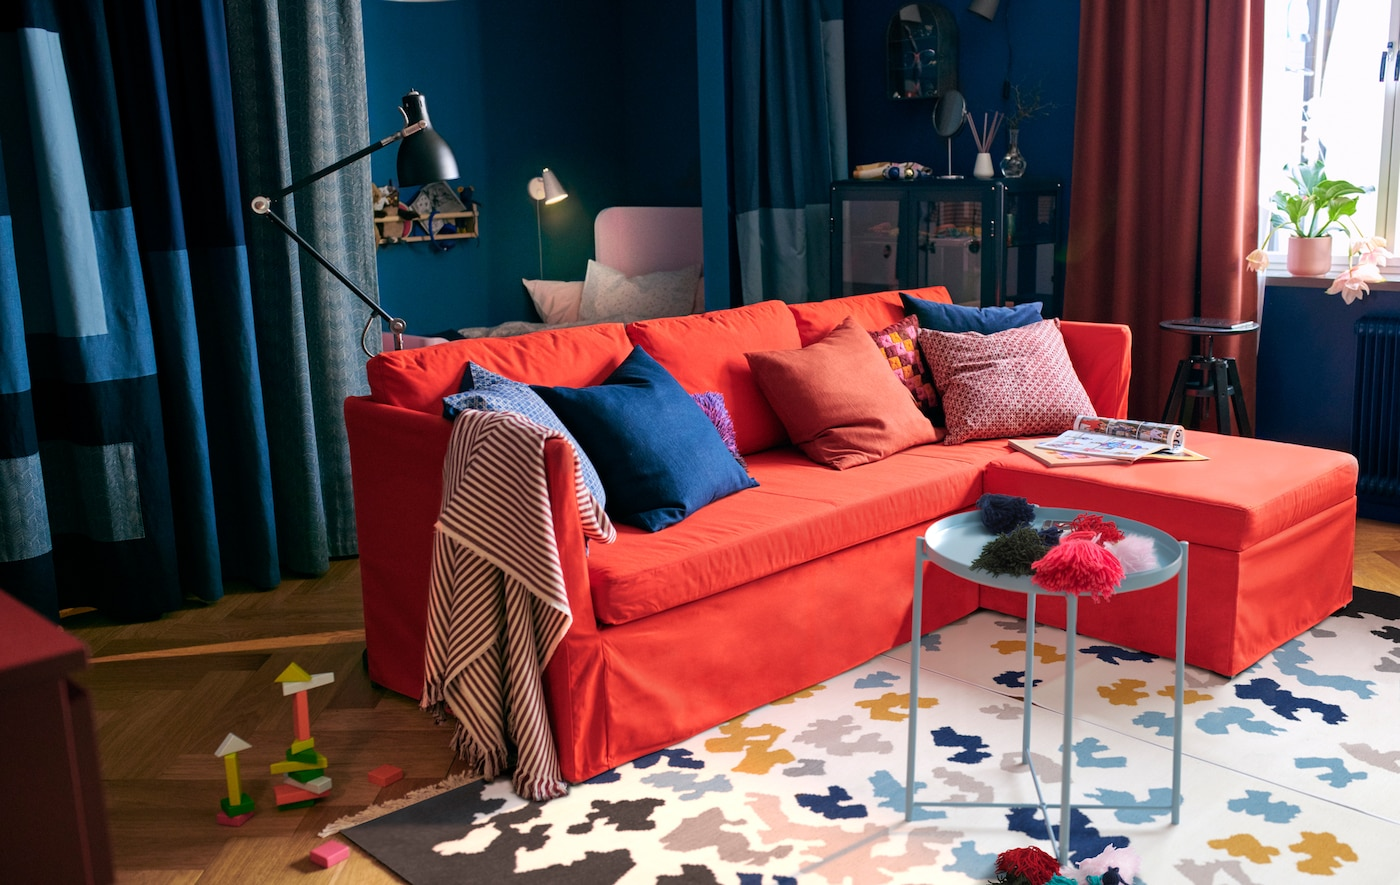 Piccoli spazi? Colloca un divano letto al centro della stanza per fare posto alle soluzioni da parete. Prova il divano letto BRÅTHULT in rosso–arancione di IKEA